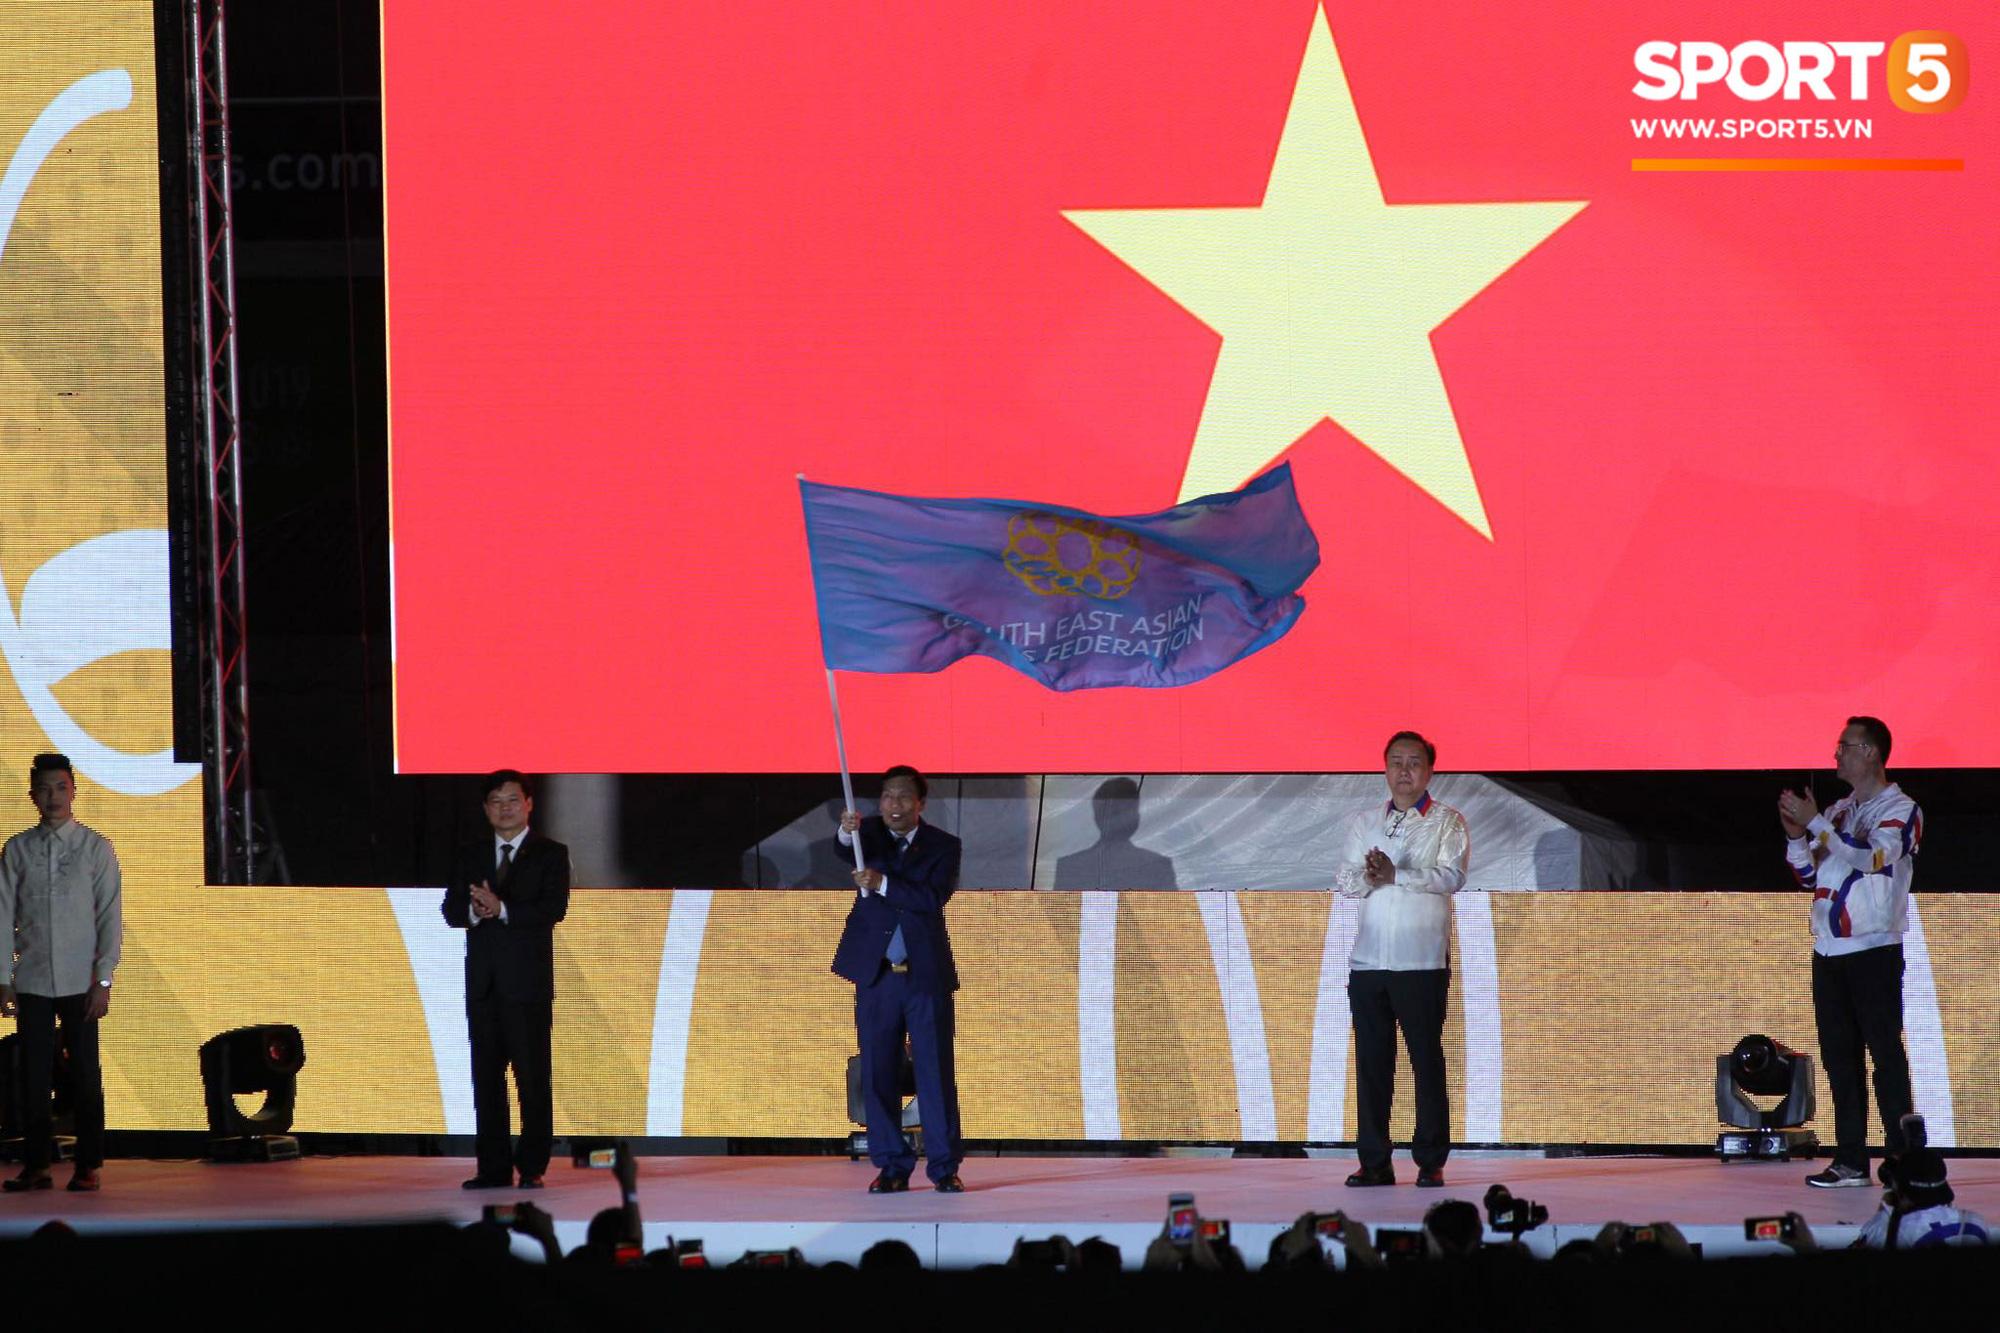 Bế mạc SEA Games 30: Việt Nam nhận cờ đăng cai Đại hội thể thao Đông Nam Á lần thứ 31 - Ảnh 7.